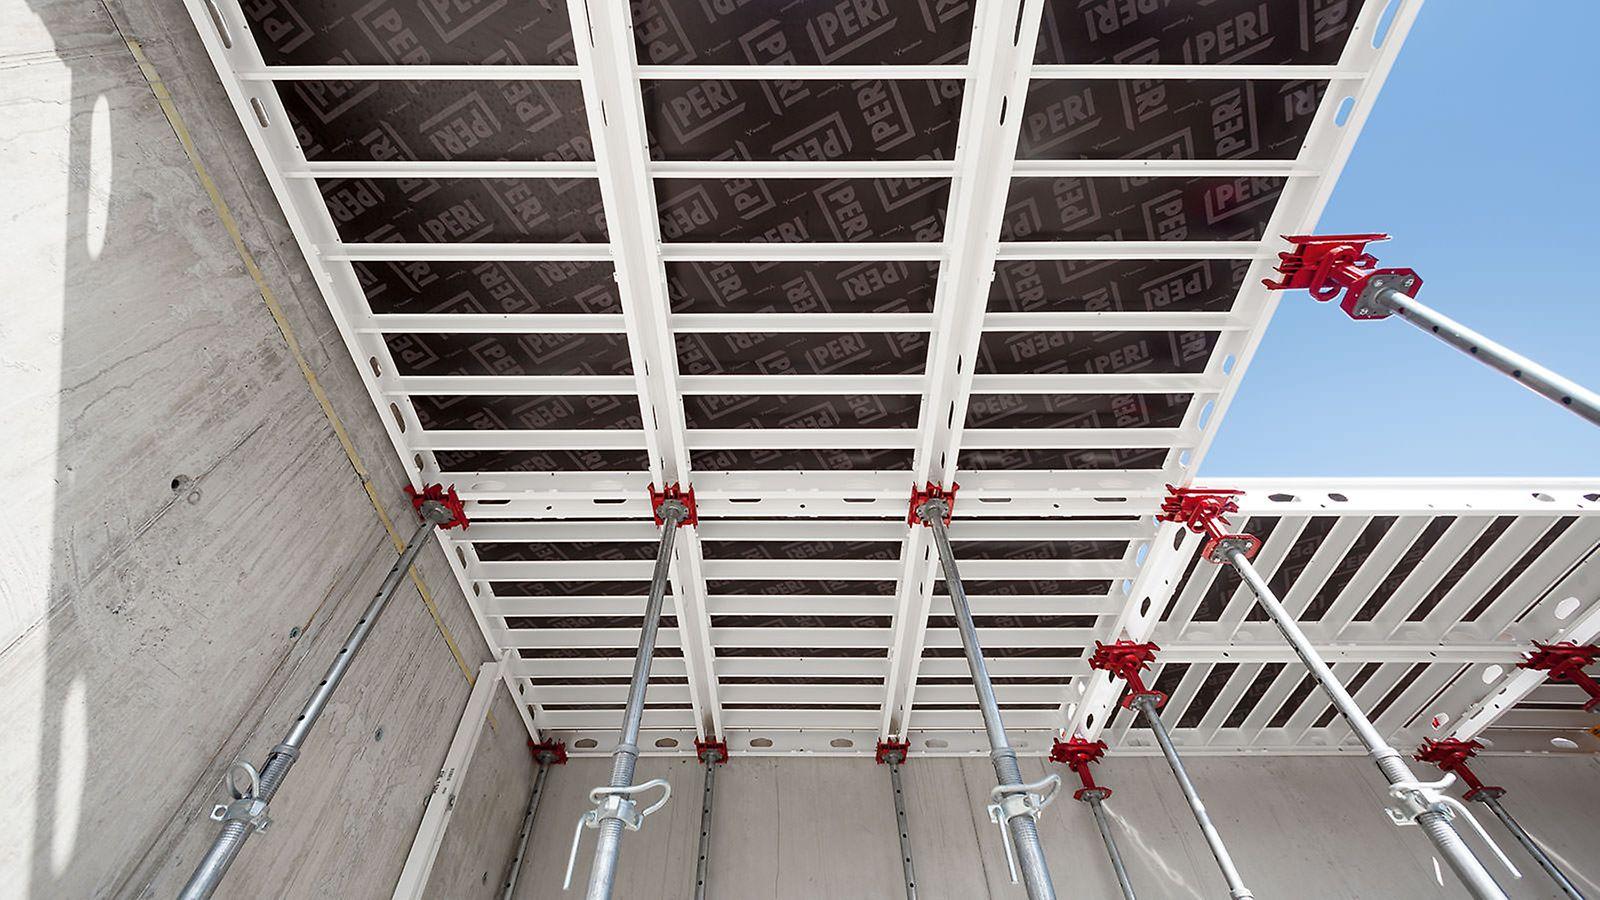 Panelerne kan understøttes overalt med både støtte og sænkehoved. Den gennemtænkte geometri af hoveder og paneler muliggør fleksibel, enkel og tidsbesparende brug. Tænderne på støtte- og sænkehovederne sikrer hurtig og let montering.